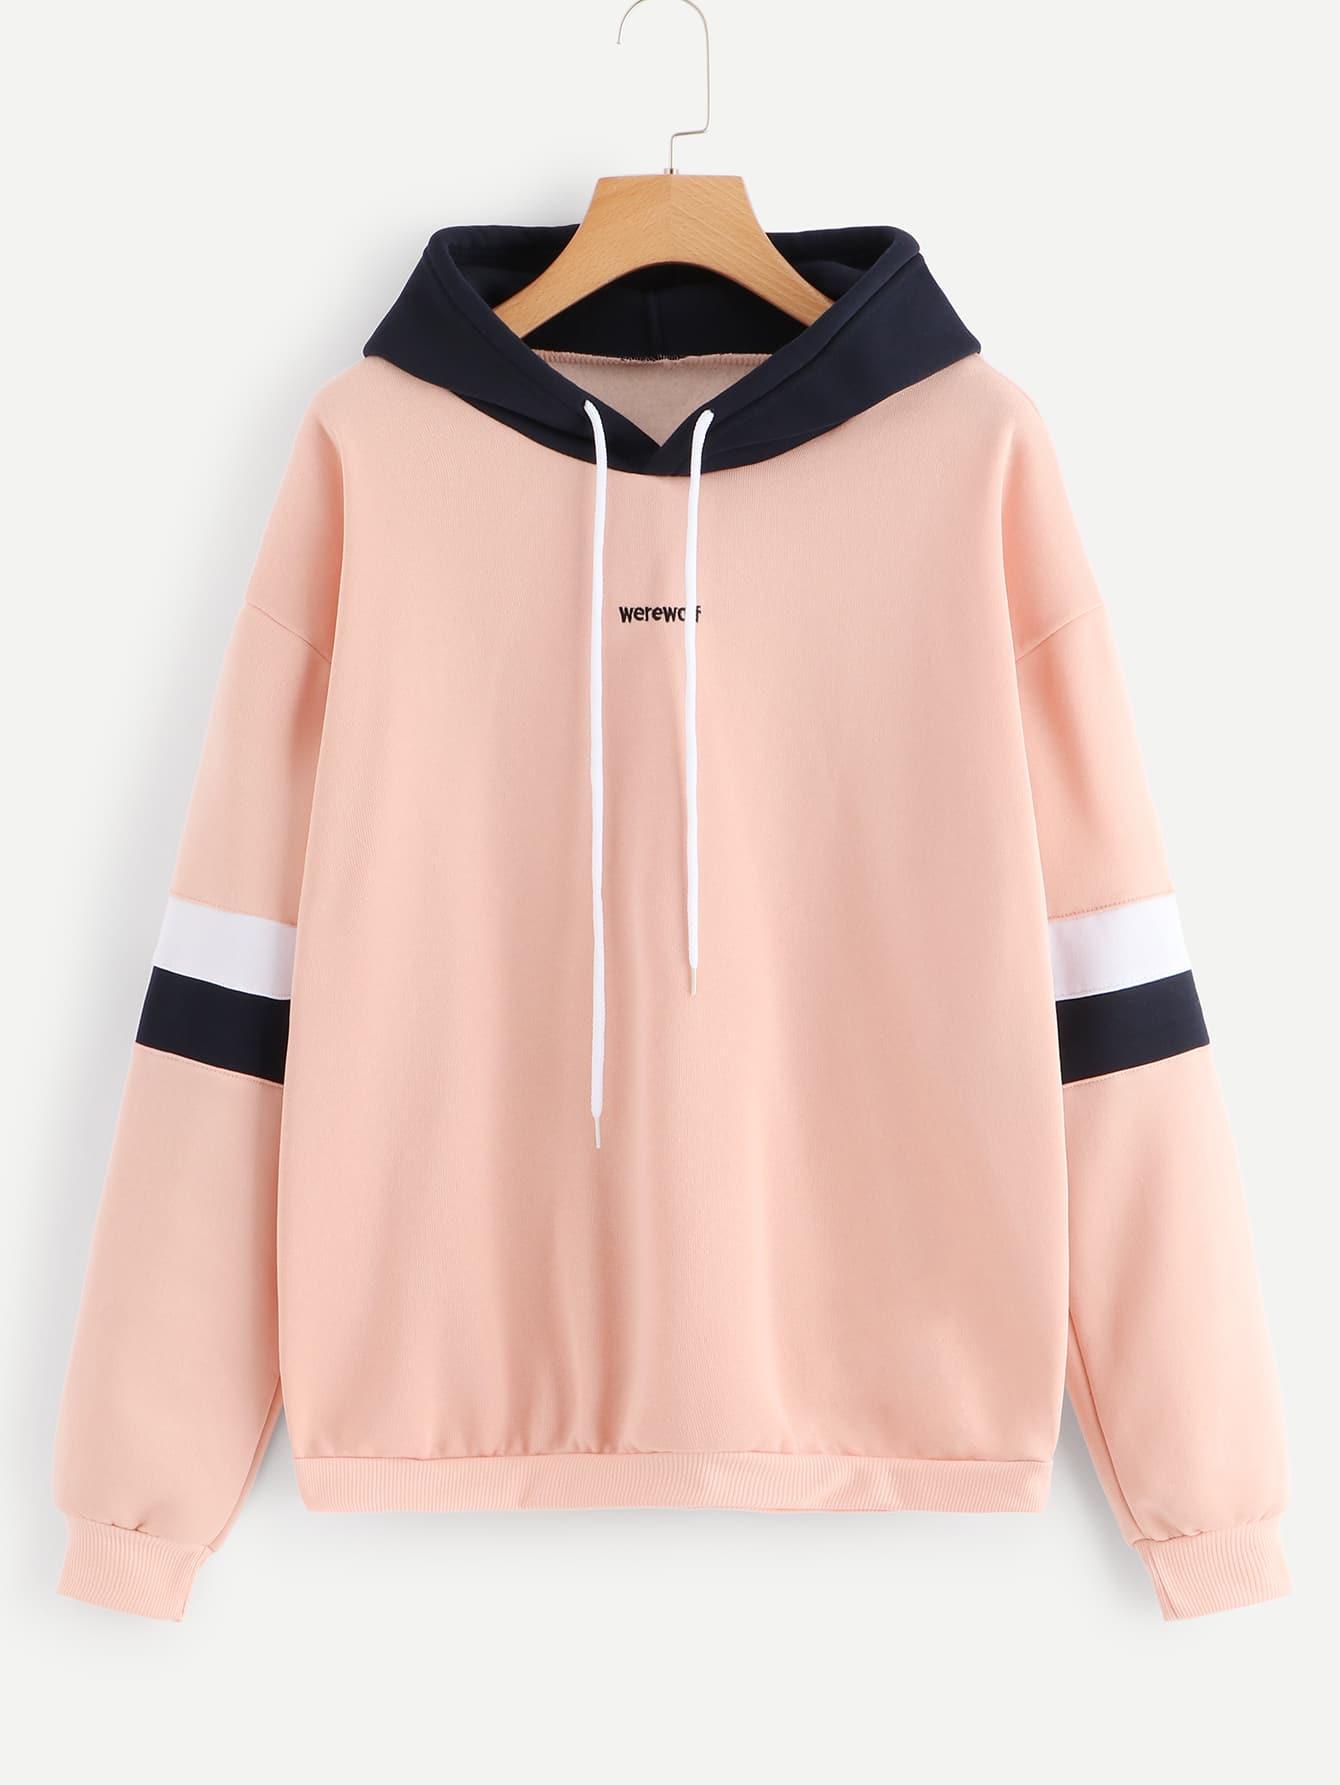 Купить Повседневный Текст Контрастный цвет Пуловеры Розовый Свитшоты, null, SheIn